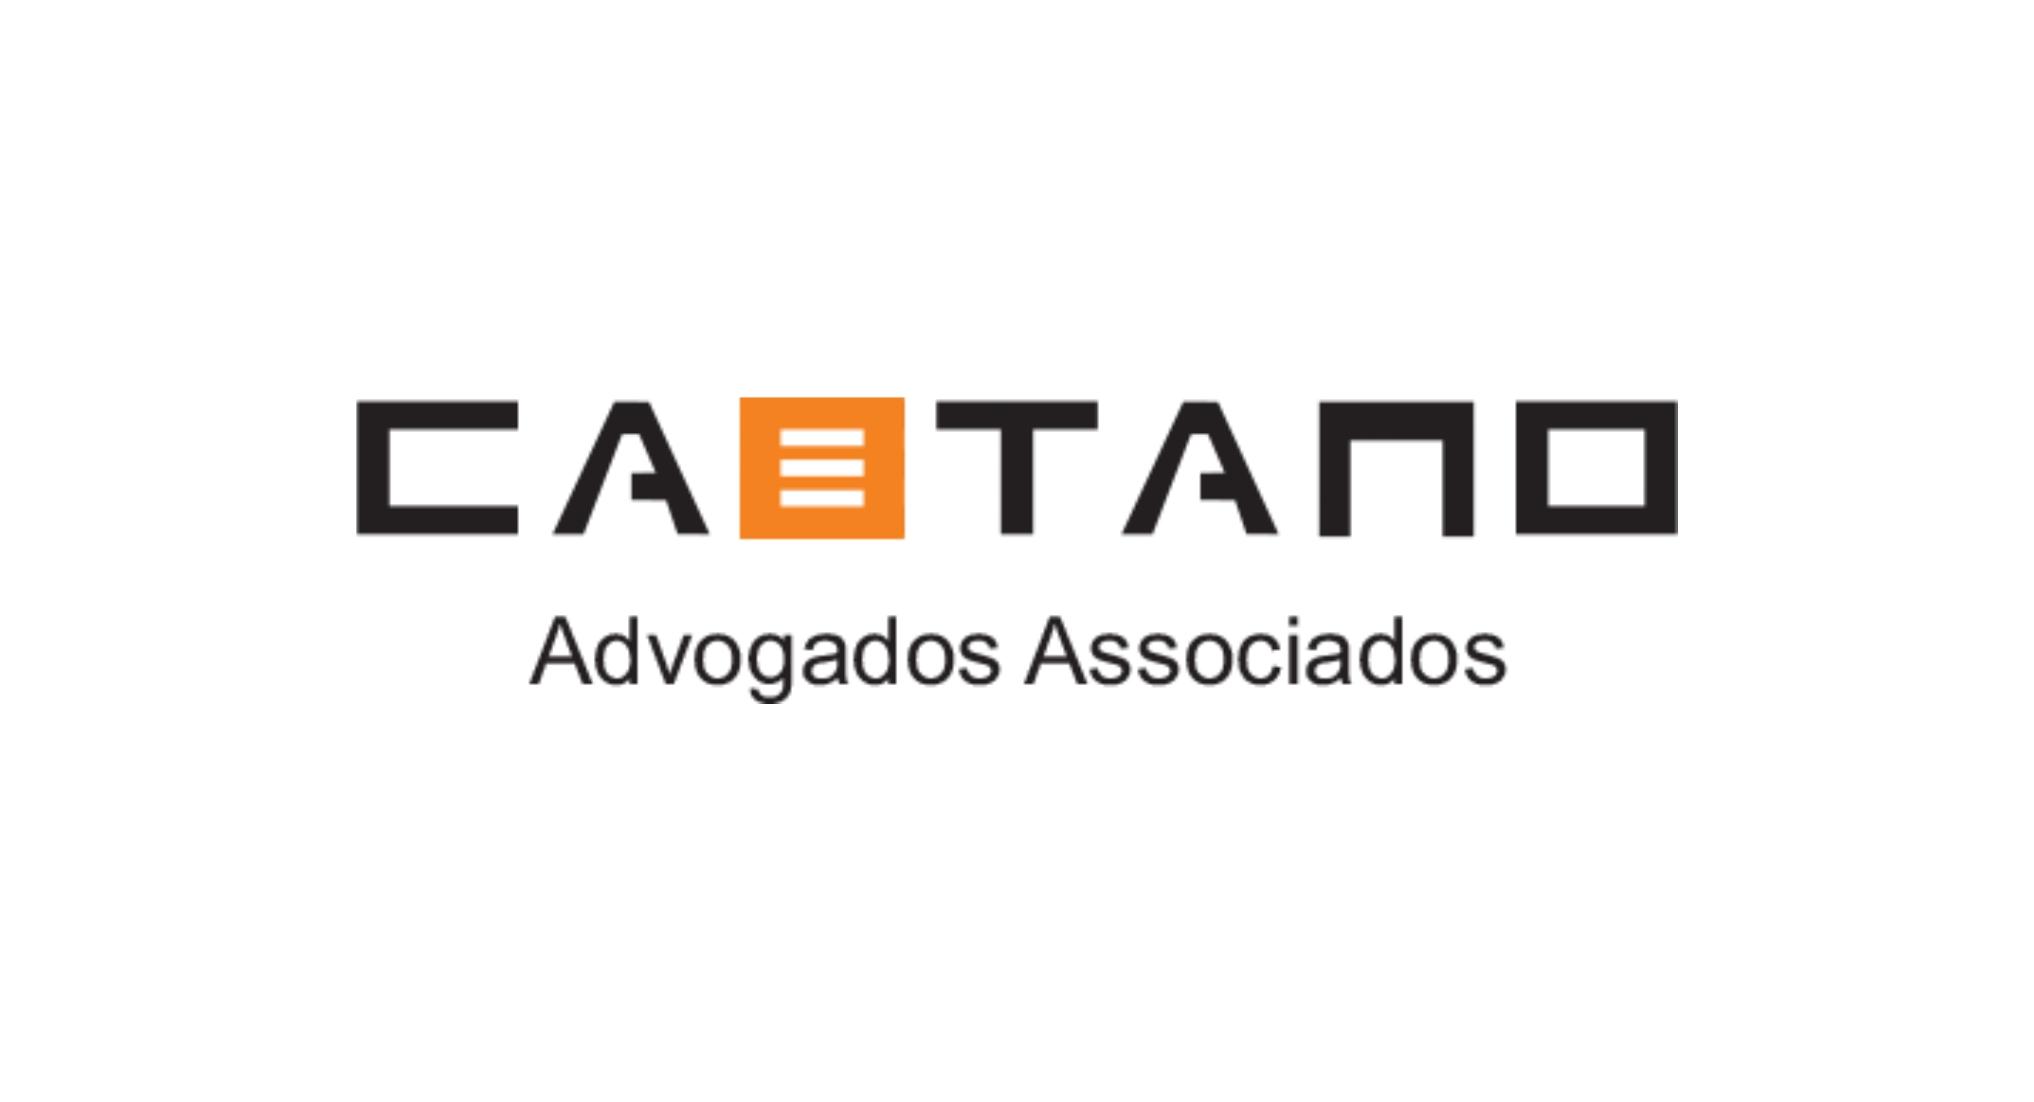 Caetano Advogados